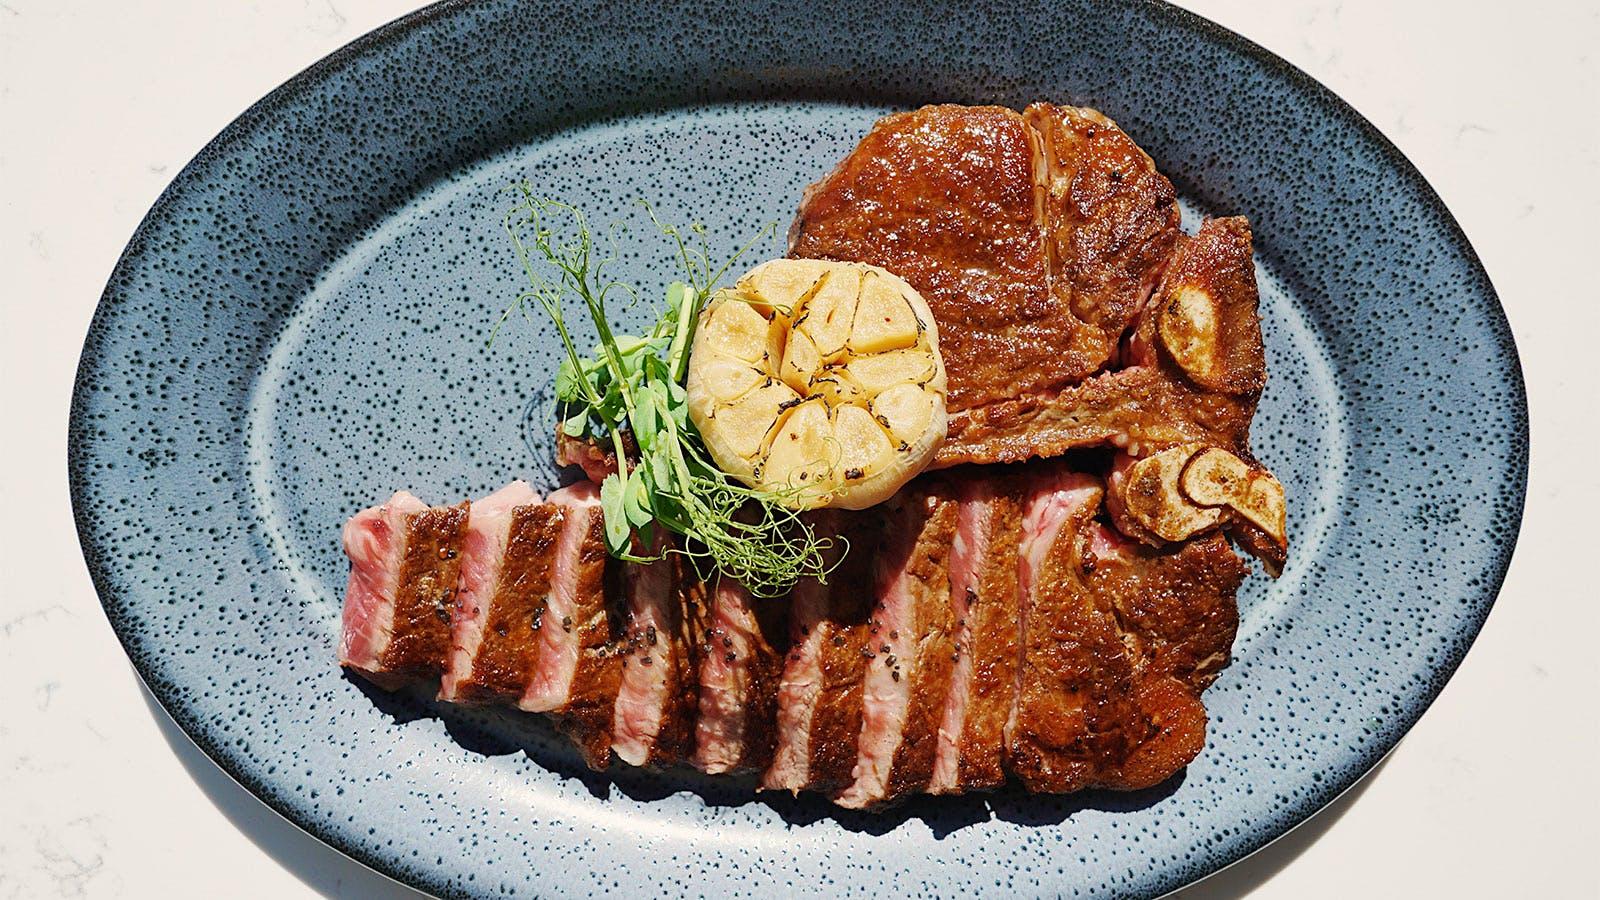 Miami's Brad Kilgore Opens New Restaurant; A Second Location for Killen's Steakhouse in Houston Area